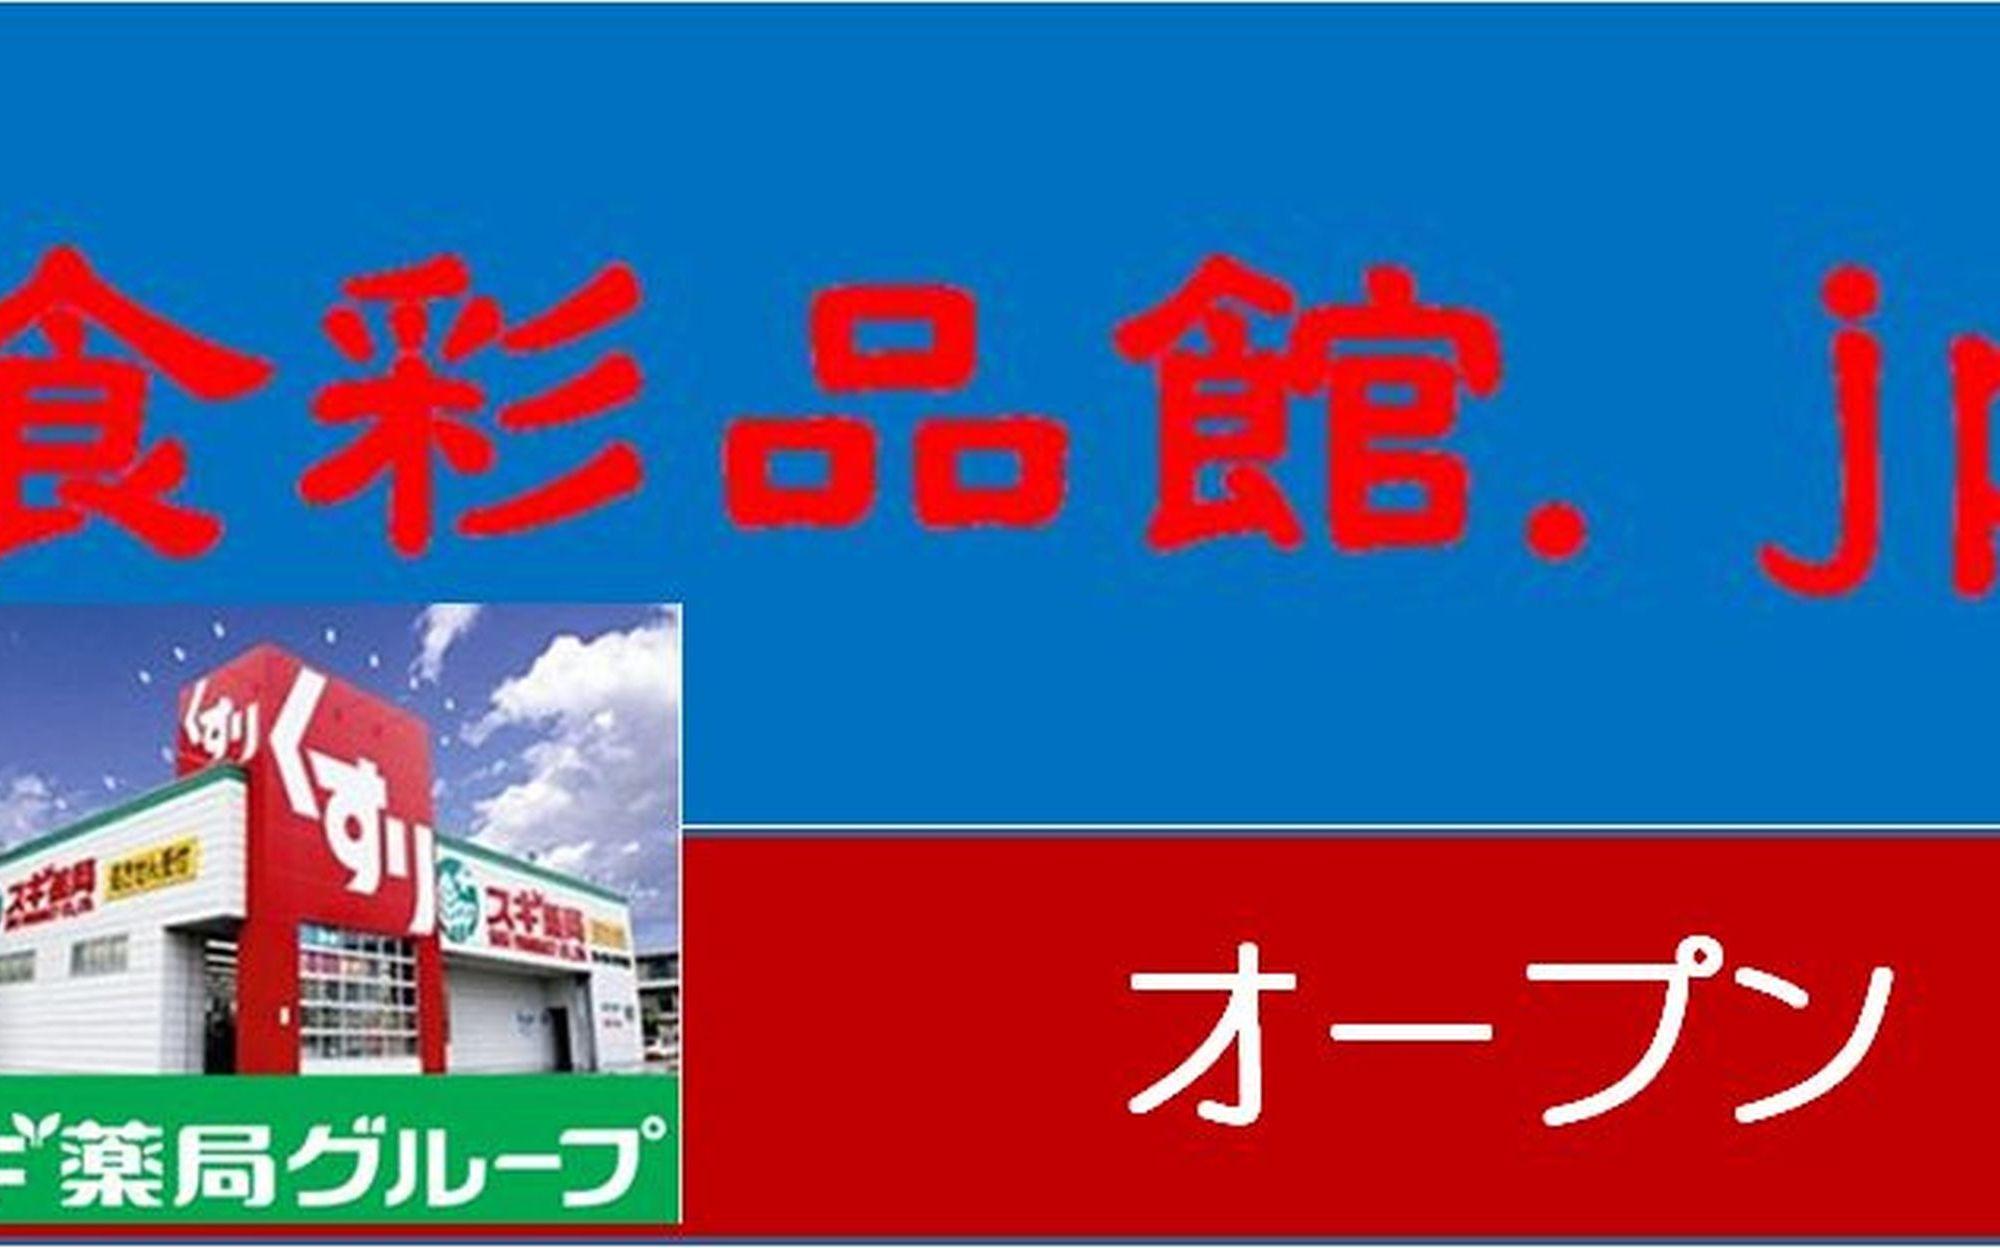 スギ薬局金沢昭和町店(石川県金沢市)2020年1月30日オープン,調剤薬局は2月3日オープン